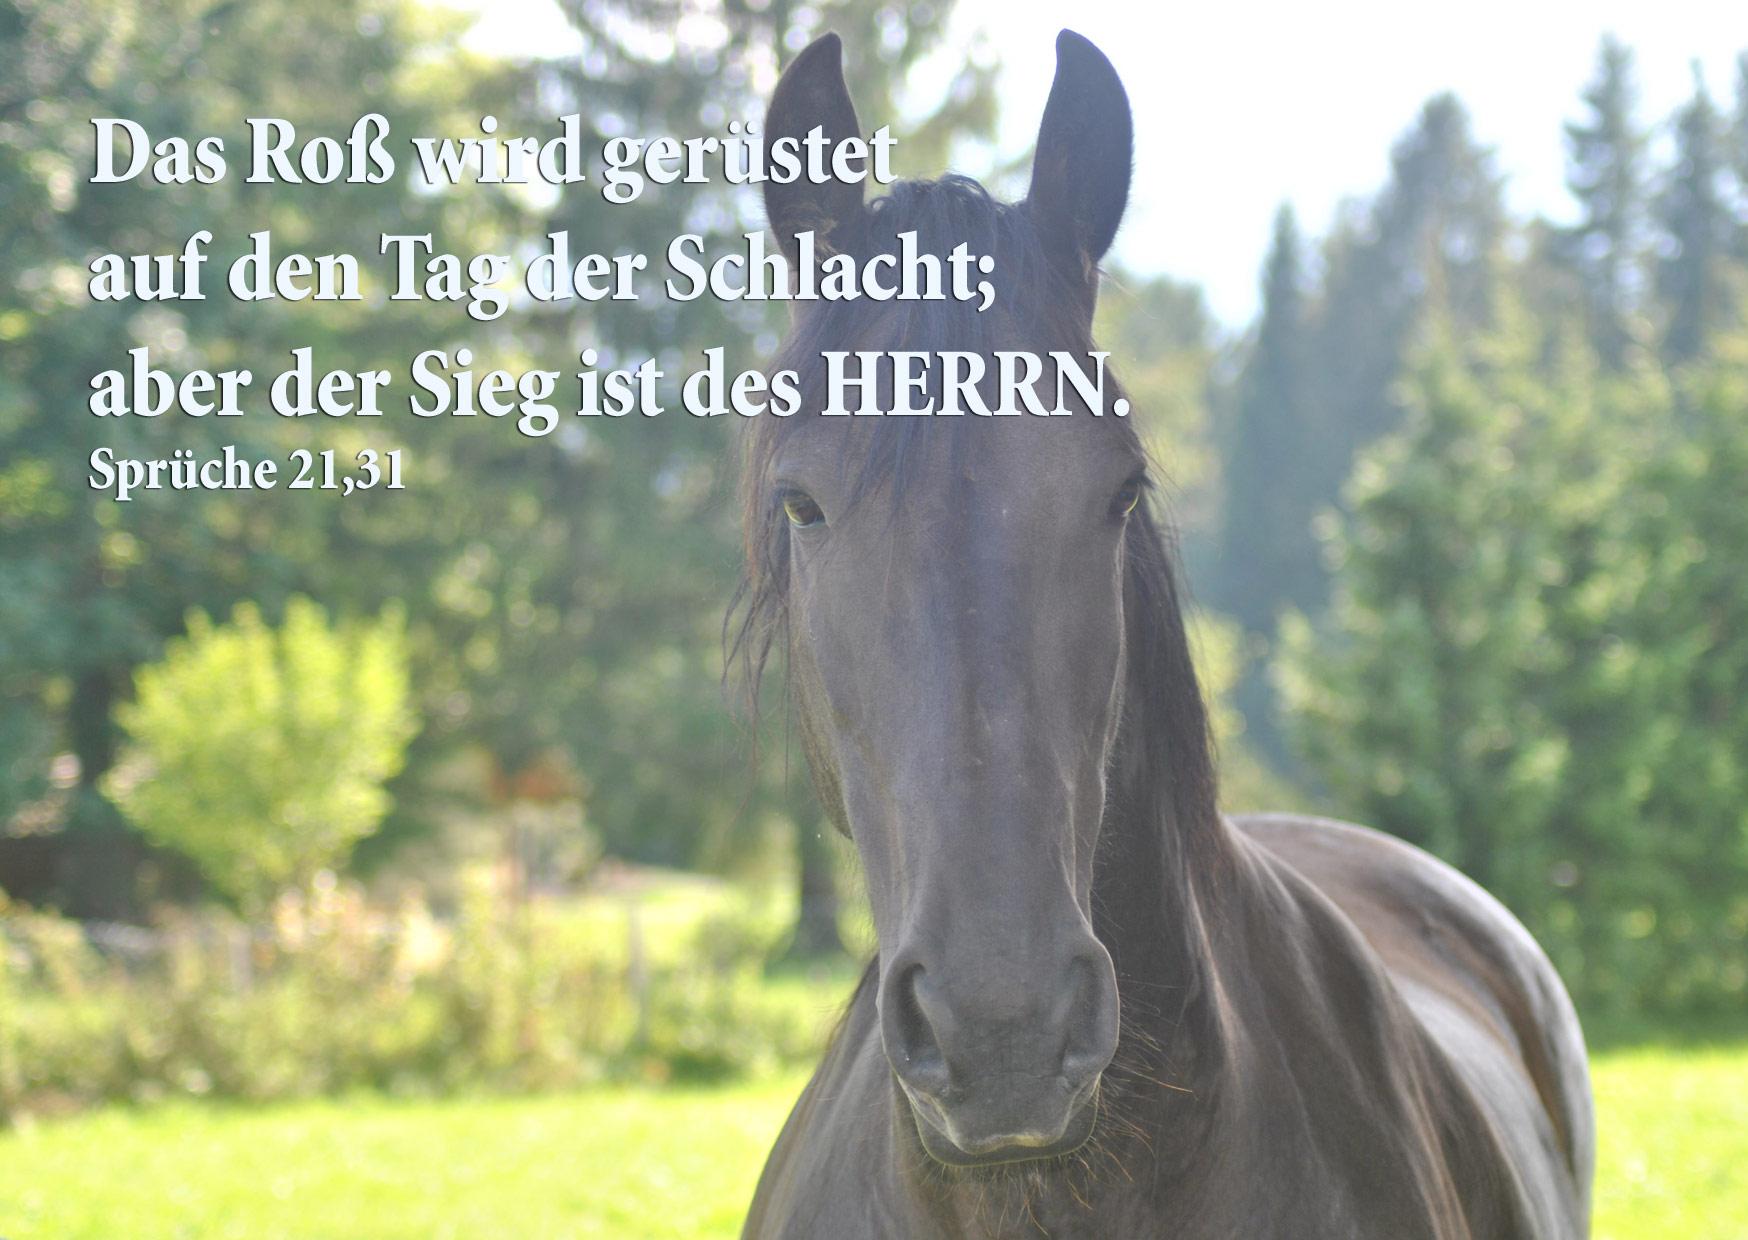 Bibelzitat, Pferd, Sprüche 21,31 Foto: Danzer, Walter, go 4 Jesus, Bibel